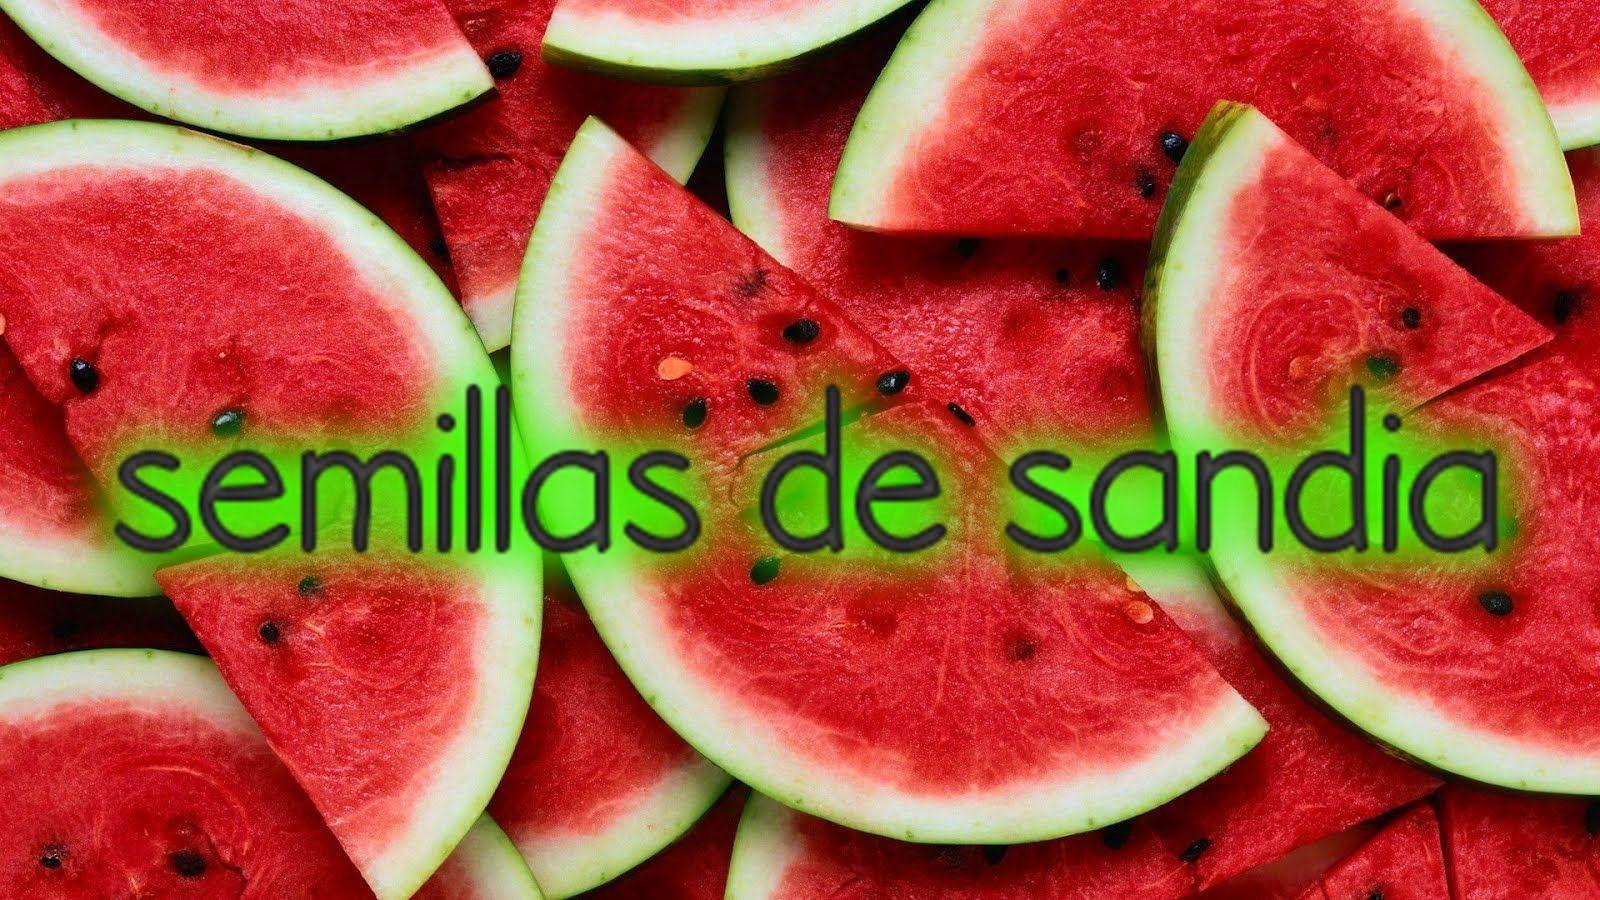 SEMILLAS DE SANDIA PARA LIMPIAR RIÑONES Y ELIMINAR CALCULOS